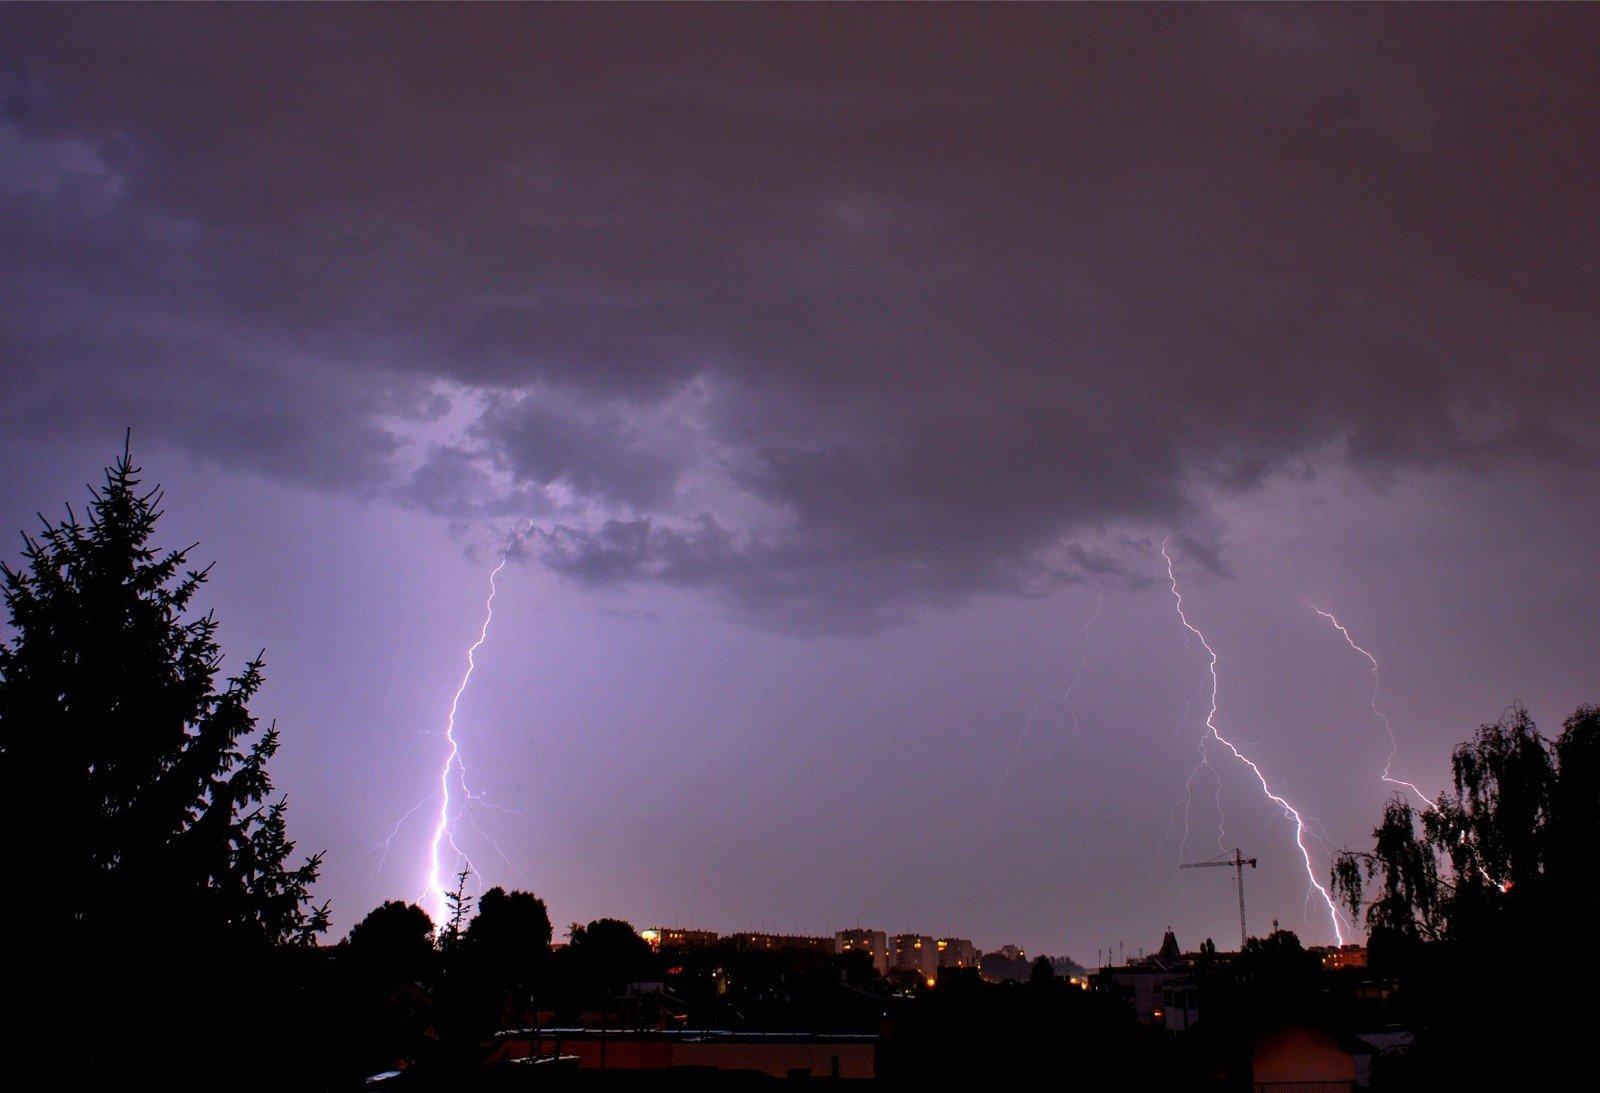 IMGW: Dziś burze z gradem możliwe w prawie całej Polsce. Wydano też ostrzeżenie przed upałem   Polska Times